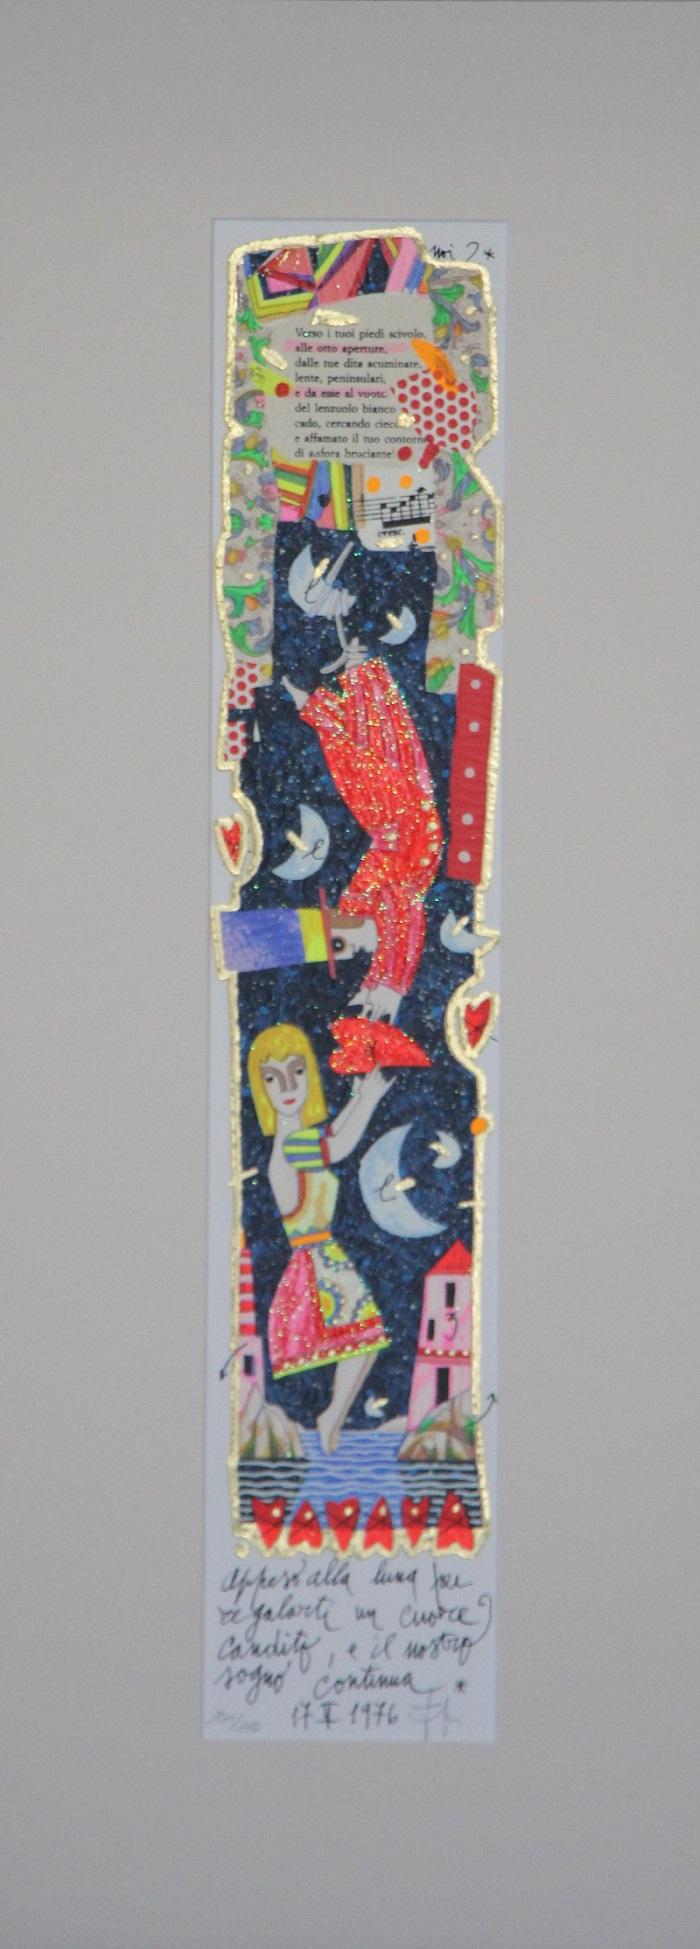 """""""Appeso alla luna..."""" serigrafia polimaterica con interventi in glitter cm. 10x50"""